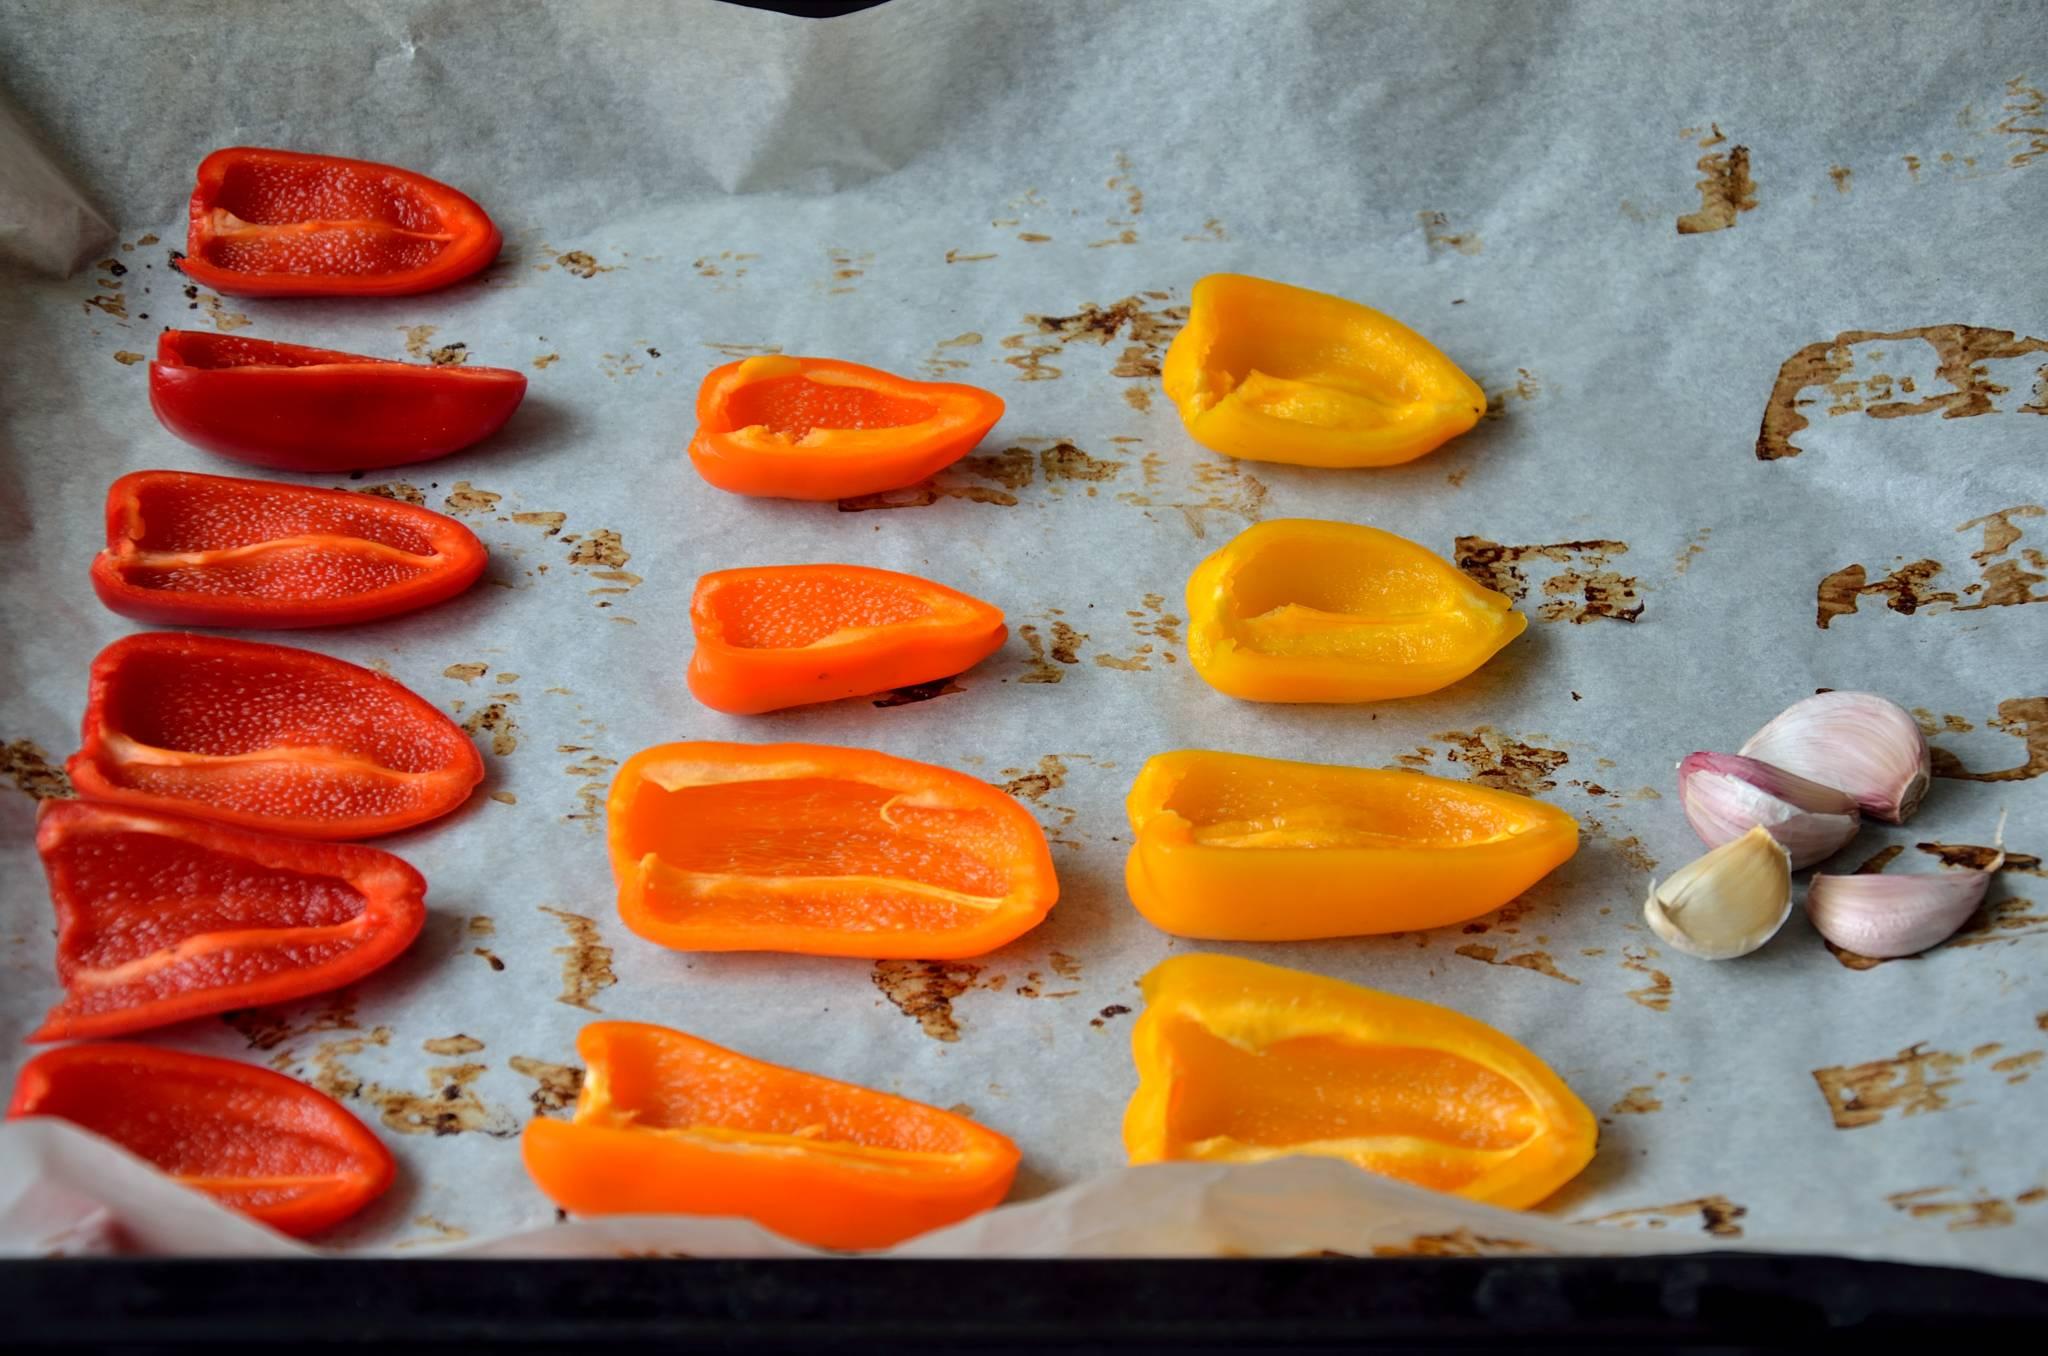 Peberfrugter og hvidløg inden bagning